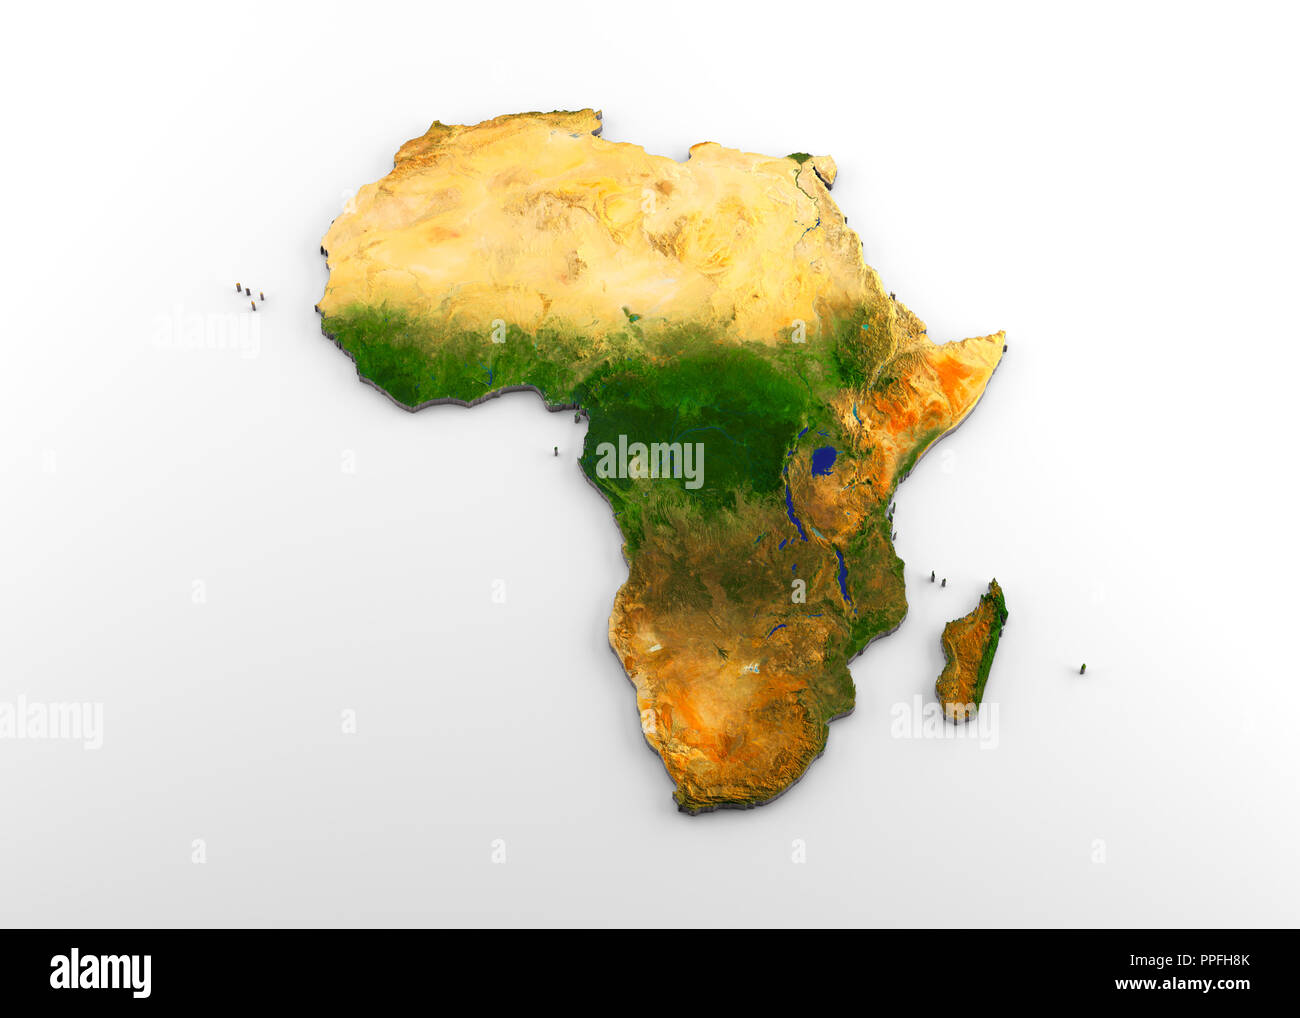 Cartina Geografica Dell Africa Fisica.3d Rendering Di Estrusi Ad Alta Risoluzione Mappa Fisica Con Rilievo Del Continente Africano Isolato Su Sfondo Bianco Foto Stock Alamy